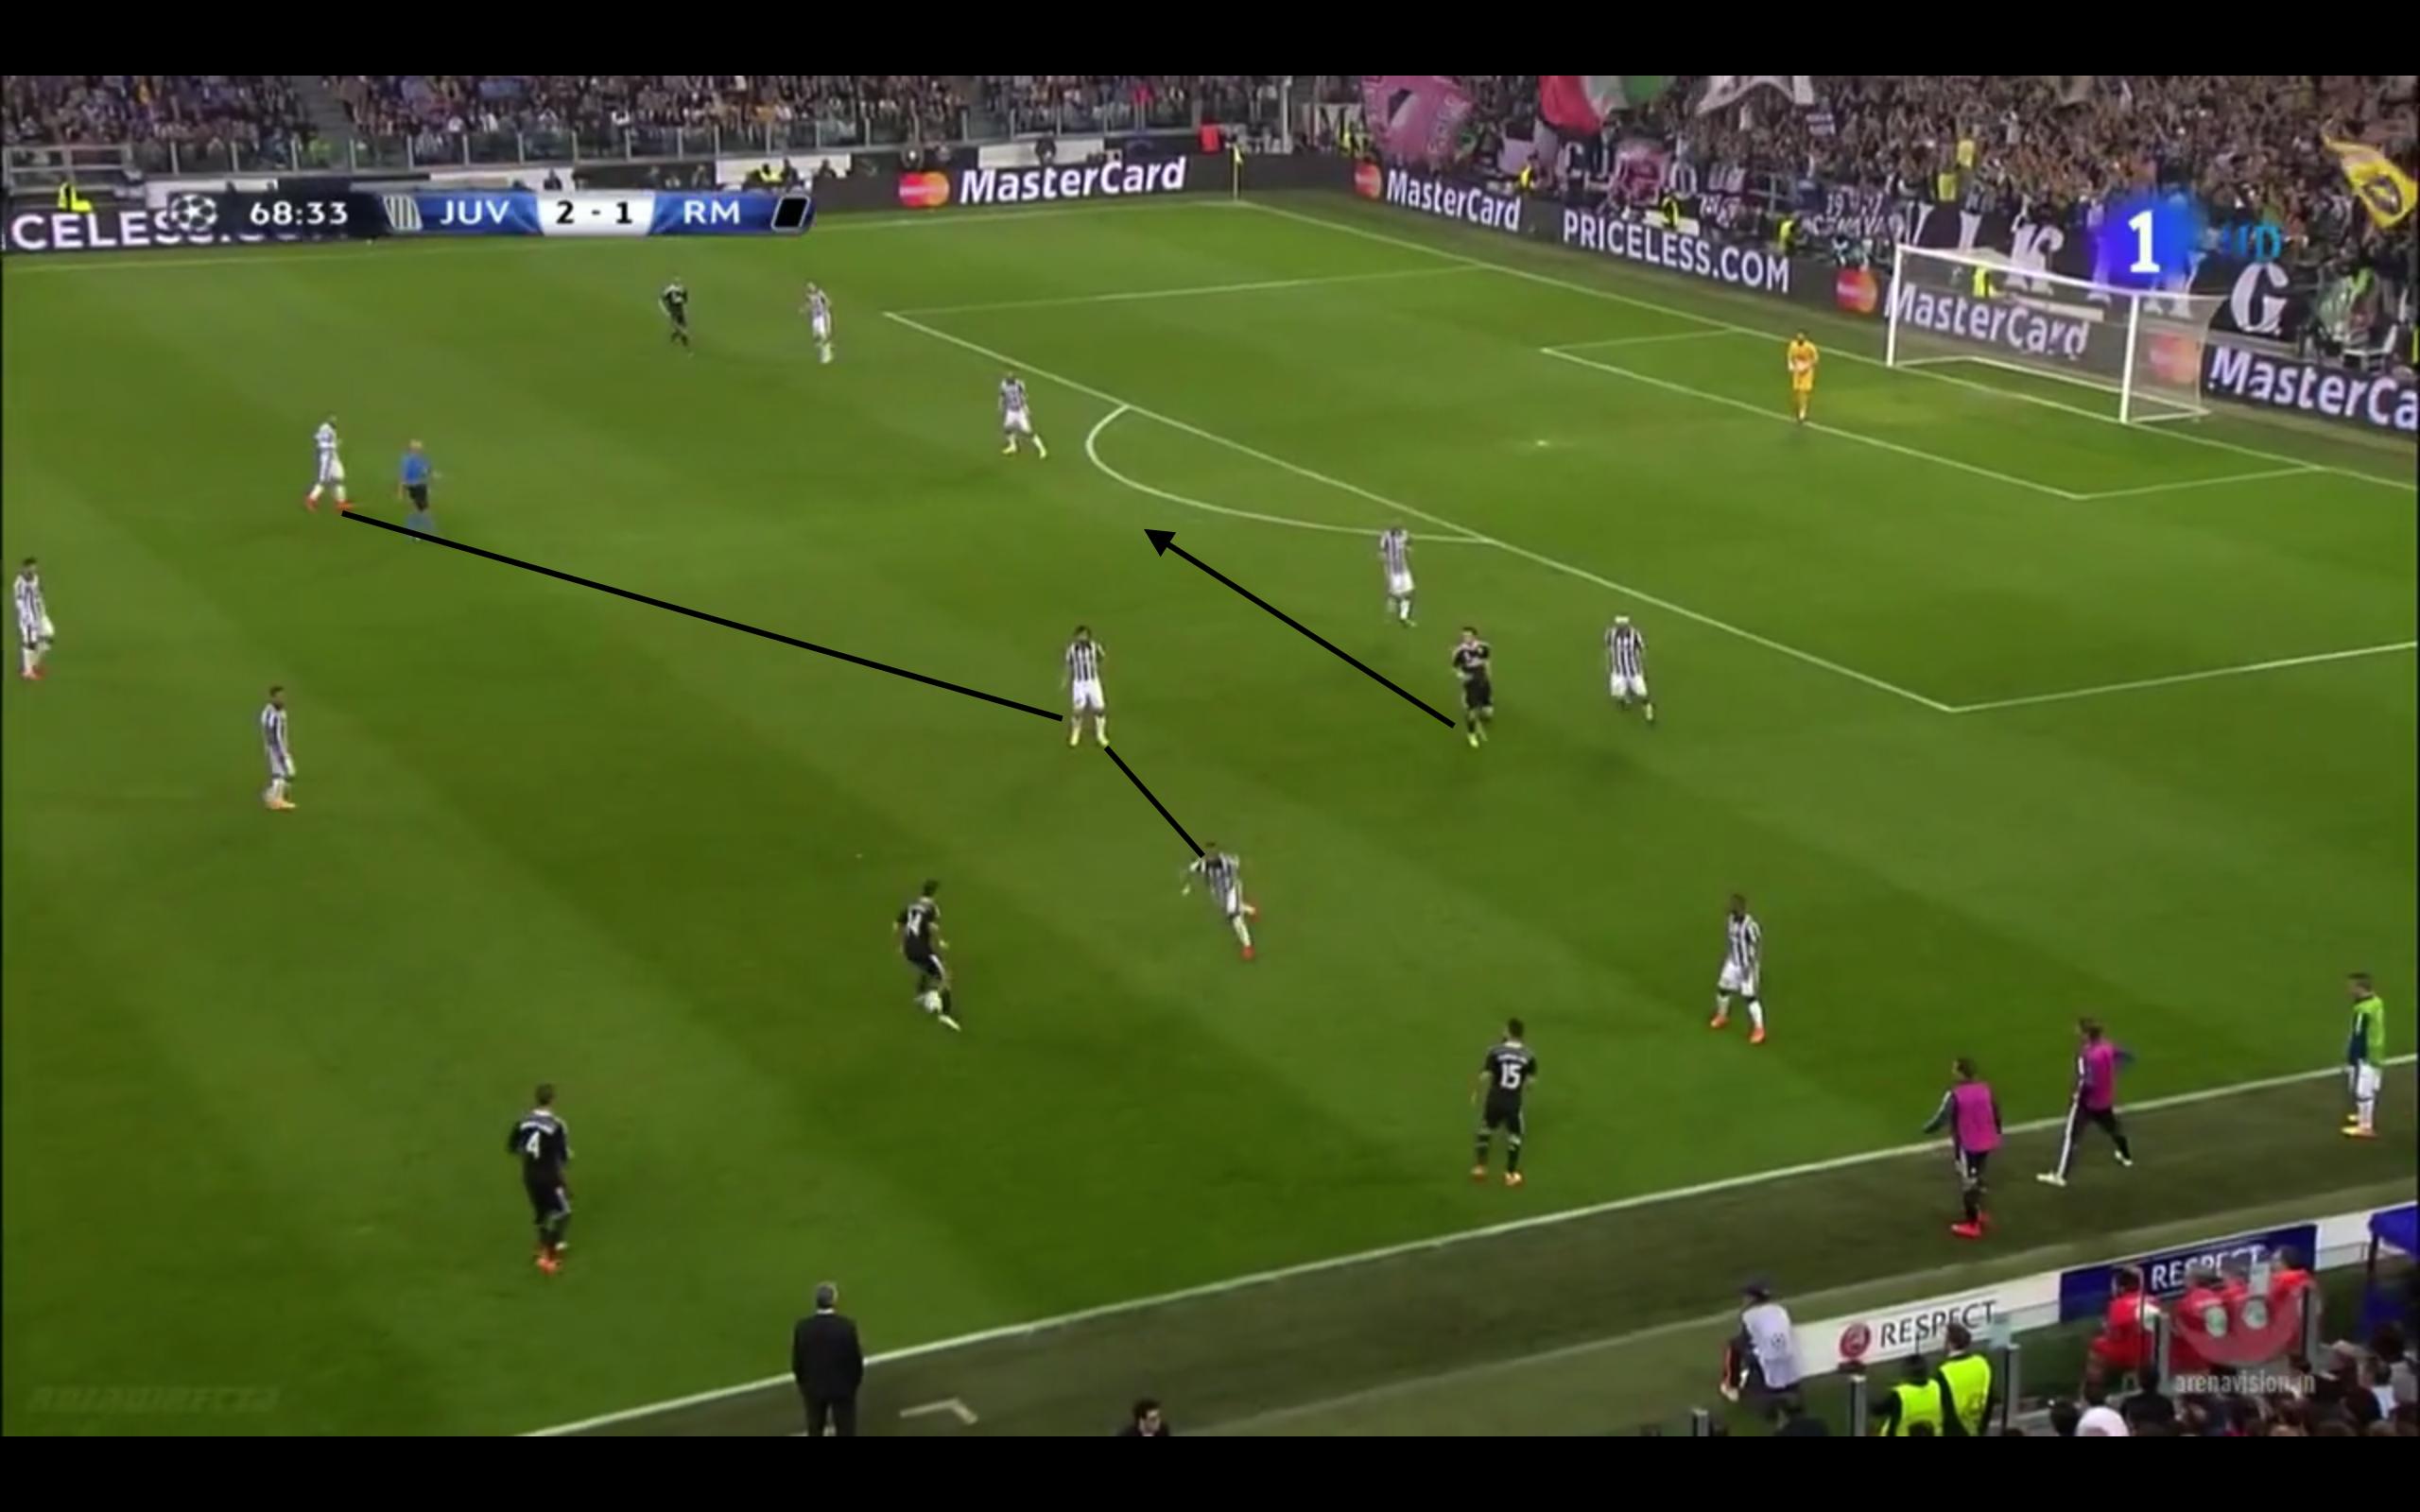 Er lässt sich fallen und driftet in den Halbraum. Von dort treibt er das Spiel an und stößt Bewegungen an. Bale rückt stärker ein und bietet sich im Halbraum an. Carvajal rückt auf, Ramos sichert die Staffelung ab und dient als mögliche Anspielstation. Im 4-3-3 ist Ramos nun nicht mehr so stark im Dunstkreis der Stürmer Juventus'. Diese besetzen das Zentrum und verhindern schnelle Verlagerungen. Es können also nur hohe Verlagerungen gespielt werden.